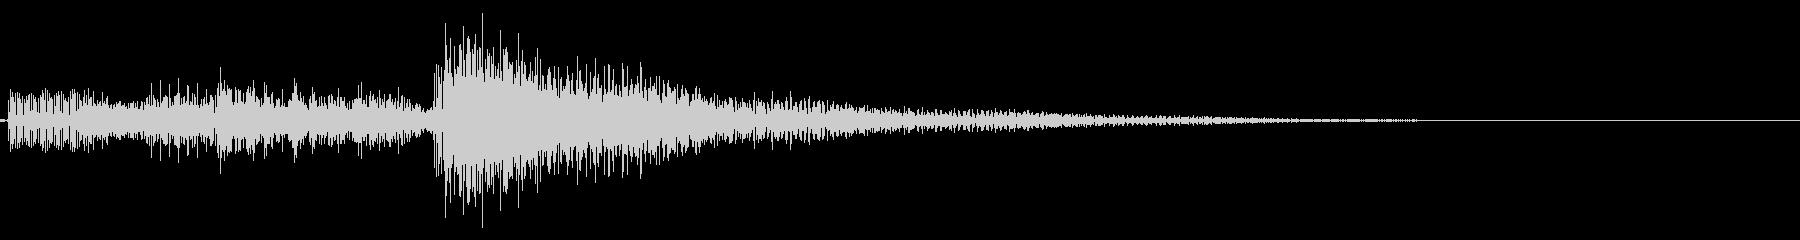 ホラーな場面の始まりに使えるジングルの未再生の波形